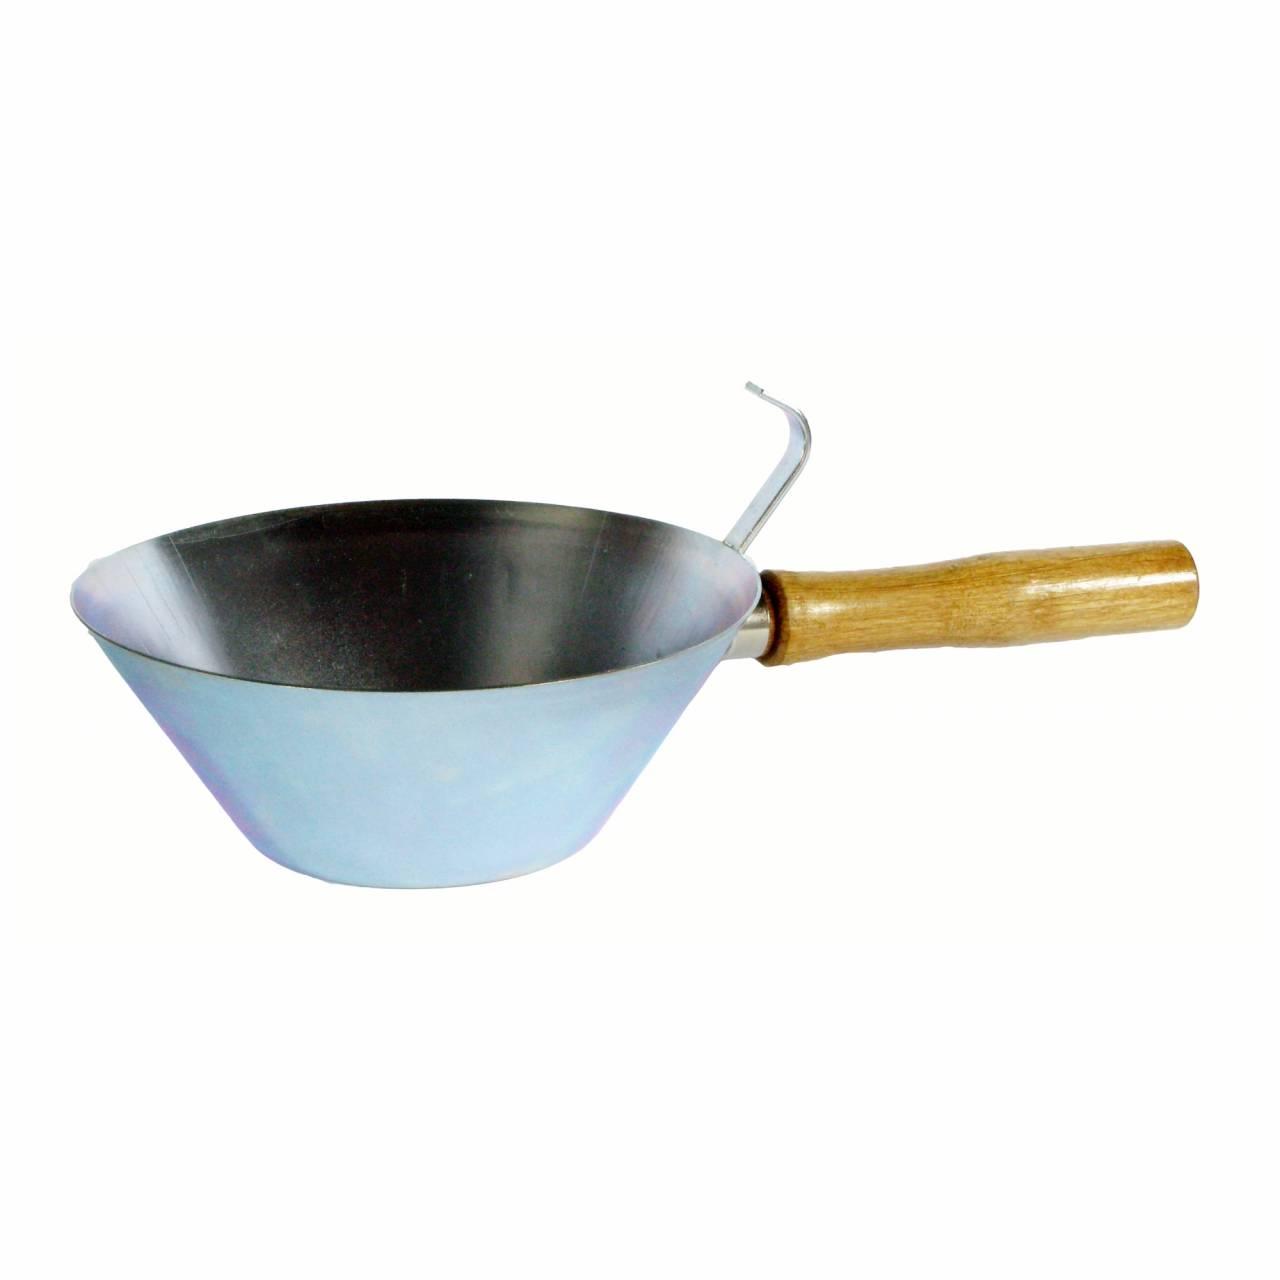 Gipserpfännchen Ø 150 mm, Zink, konische Form